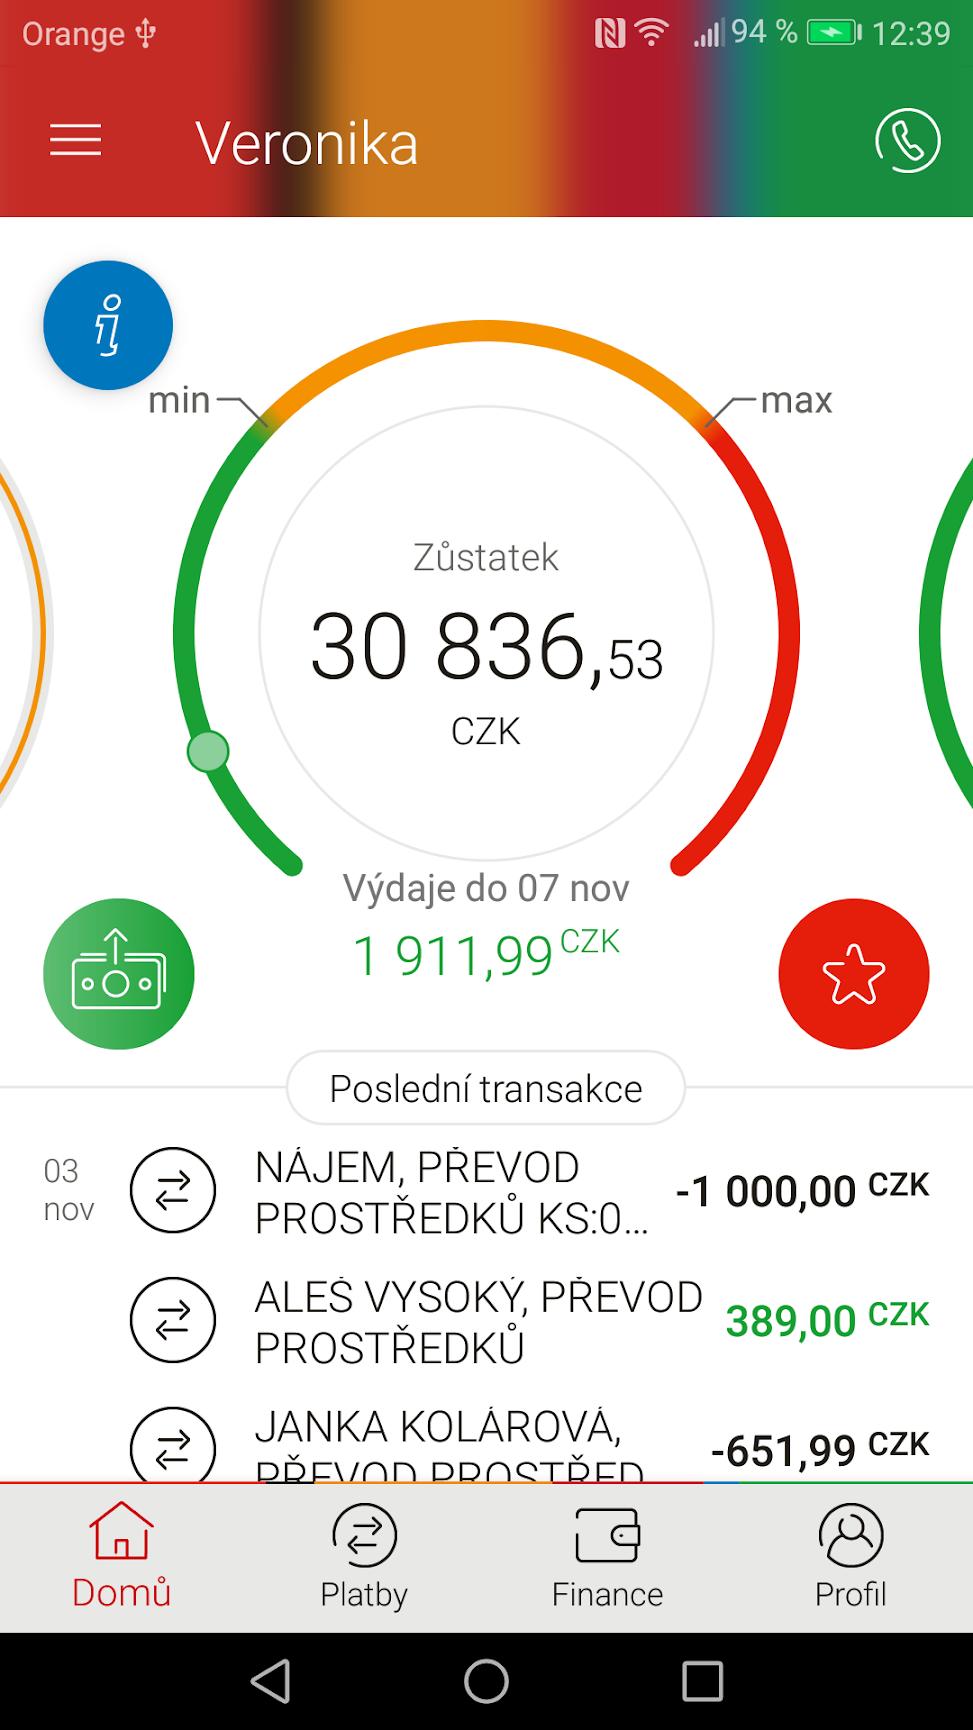 Aplikace mBank vypadá dobře a má příjemné rozhraní. Chybí ale možnost pohodlnějšího zadávání čísel účtu